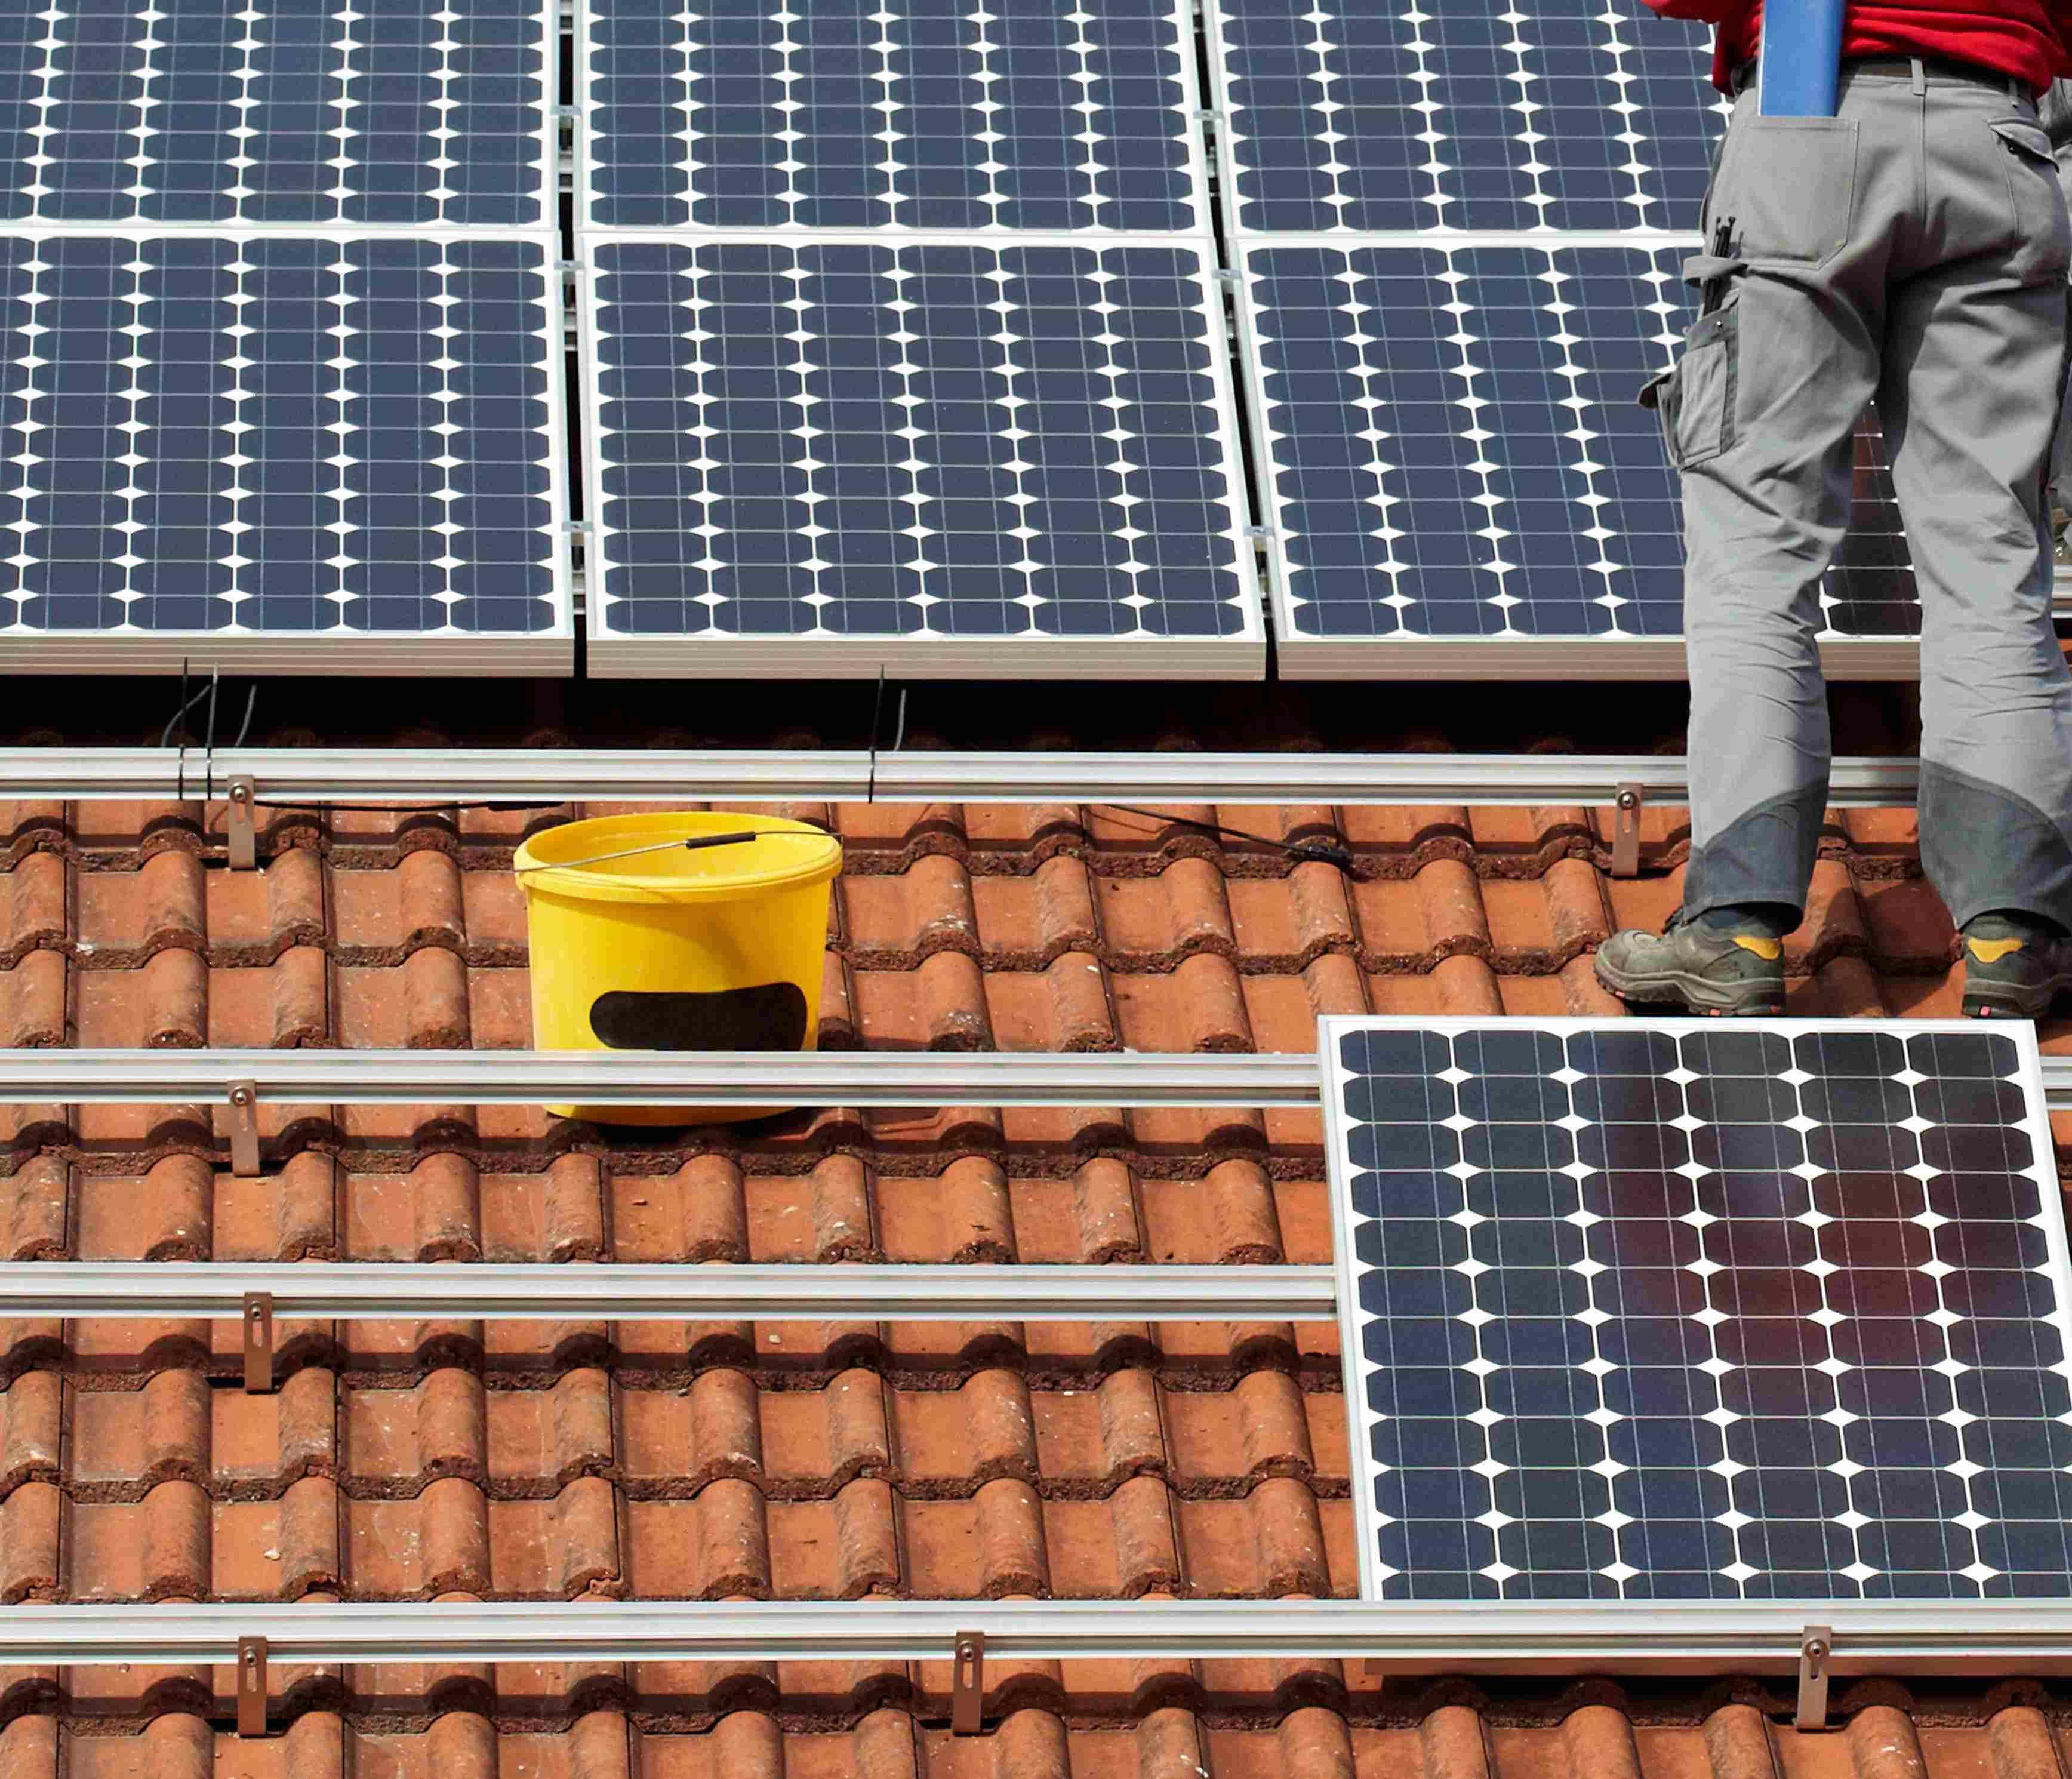 Numa residência com consumo mensal de 120 kWh, o sistema de aquecimento solar residencial costuma trazer economia que varia em 25 a 35% da conta de energia mensal.